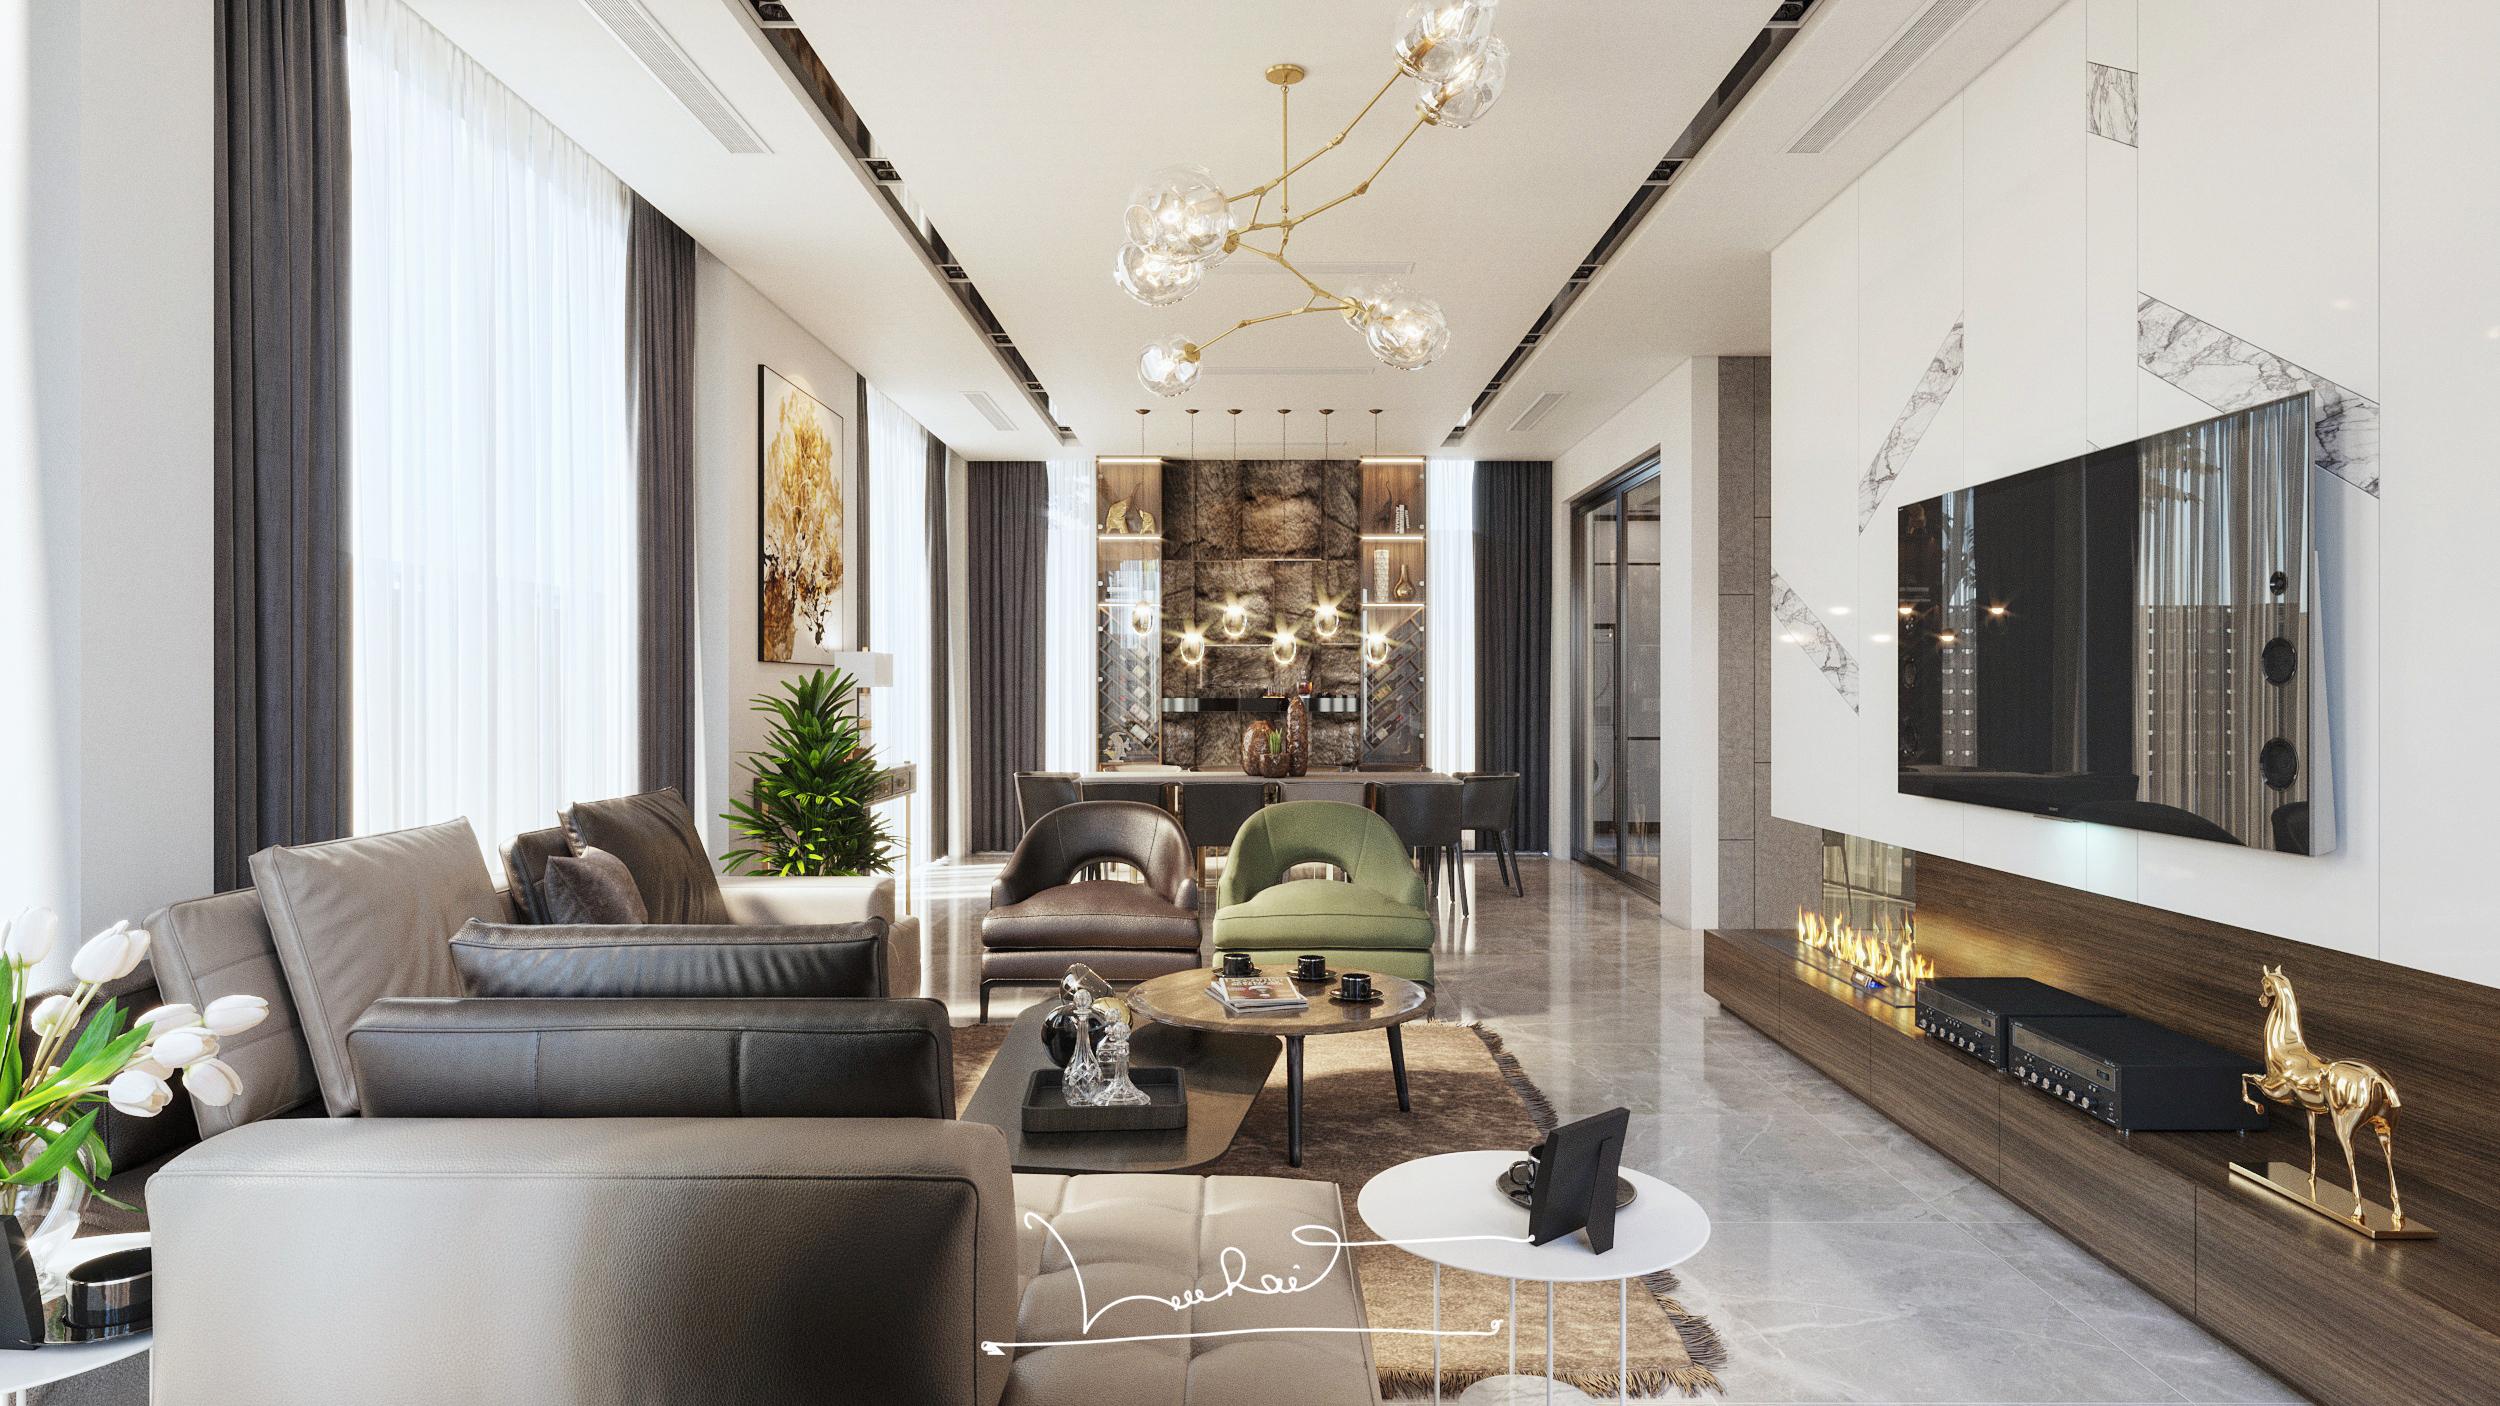 Thiết kế Biệt Thự tại Hải Phòng Vila_02 1575349951 10